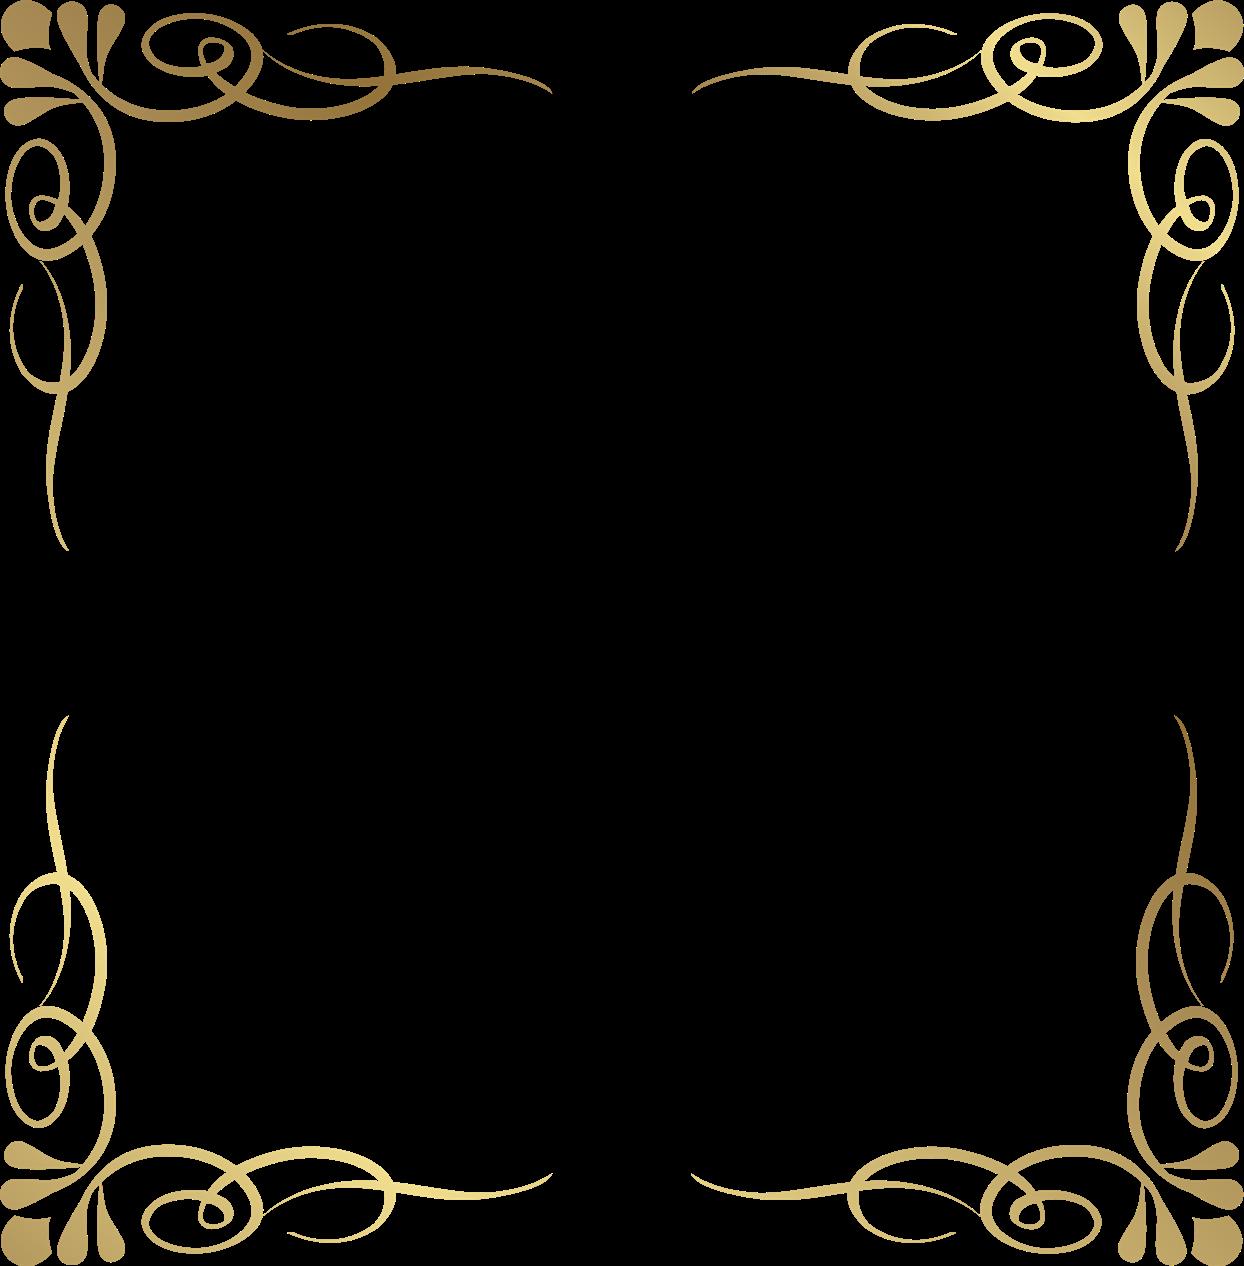 Pin De Annette Daly Em Clip Art Arabescos Para Convites Ideias Quilling Bordas Para Certificados